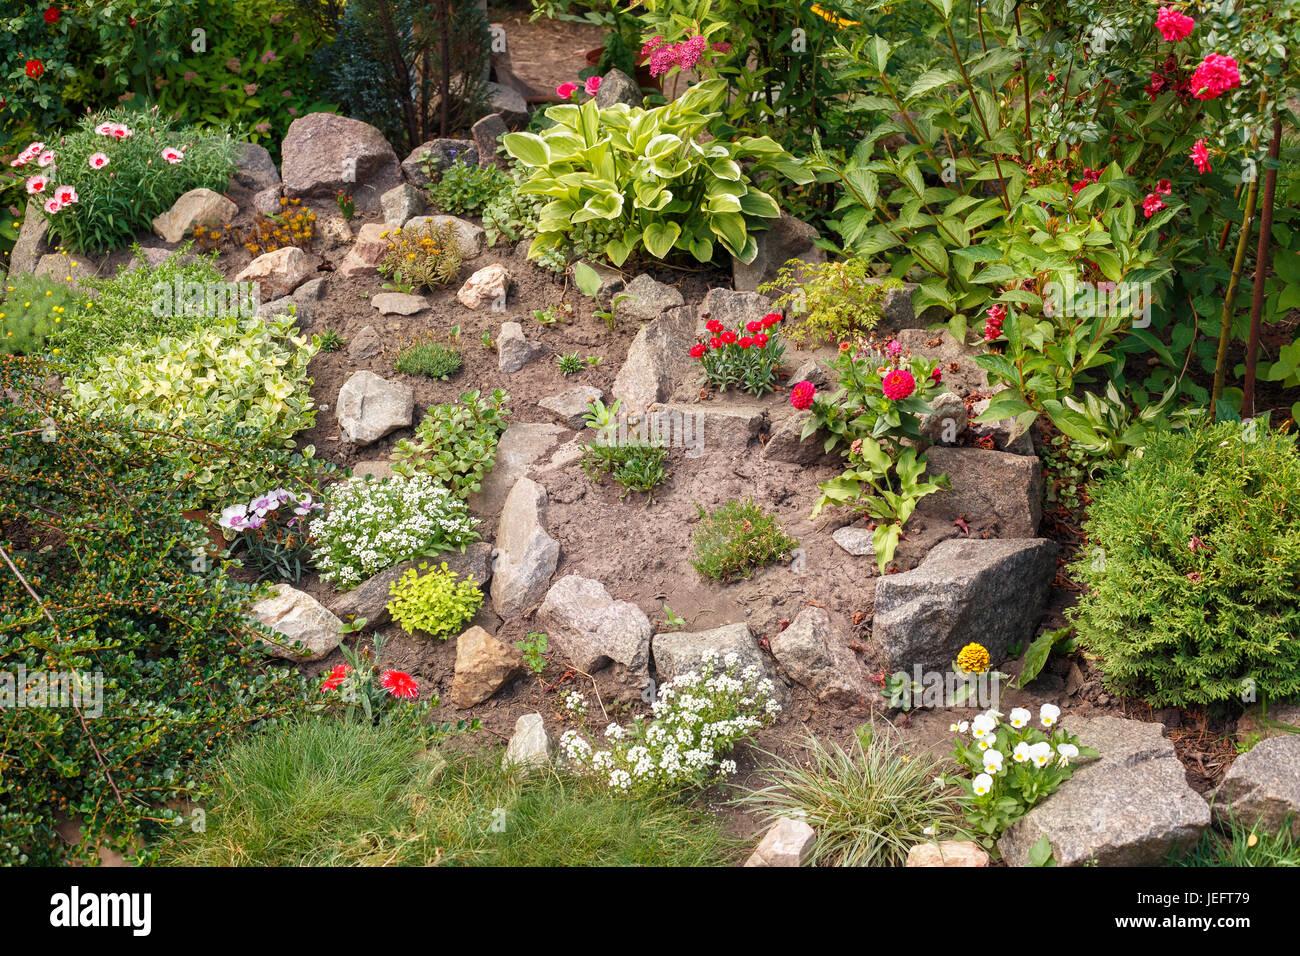 decorative blooming alpine slide landscape design home flower garden JEFT79